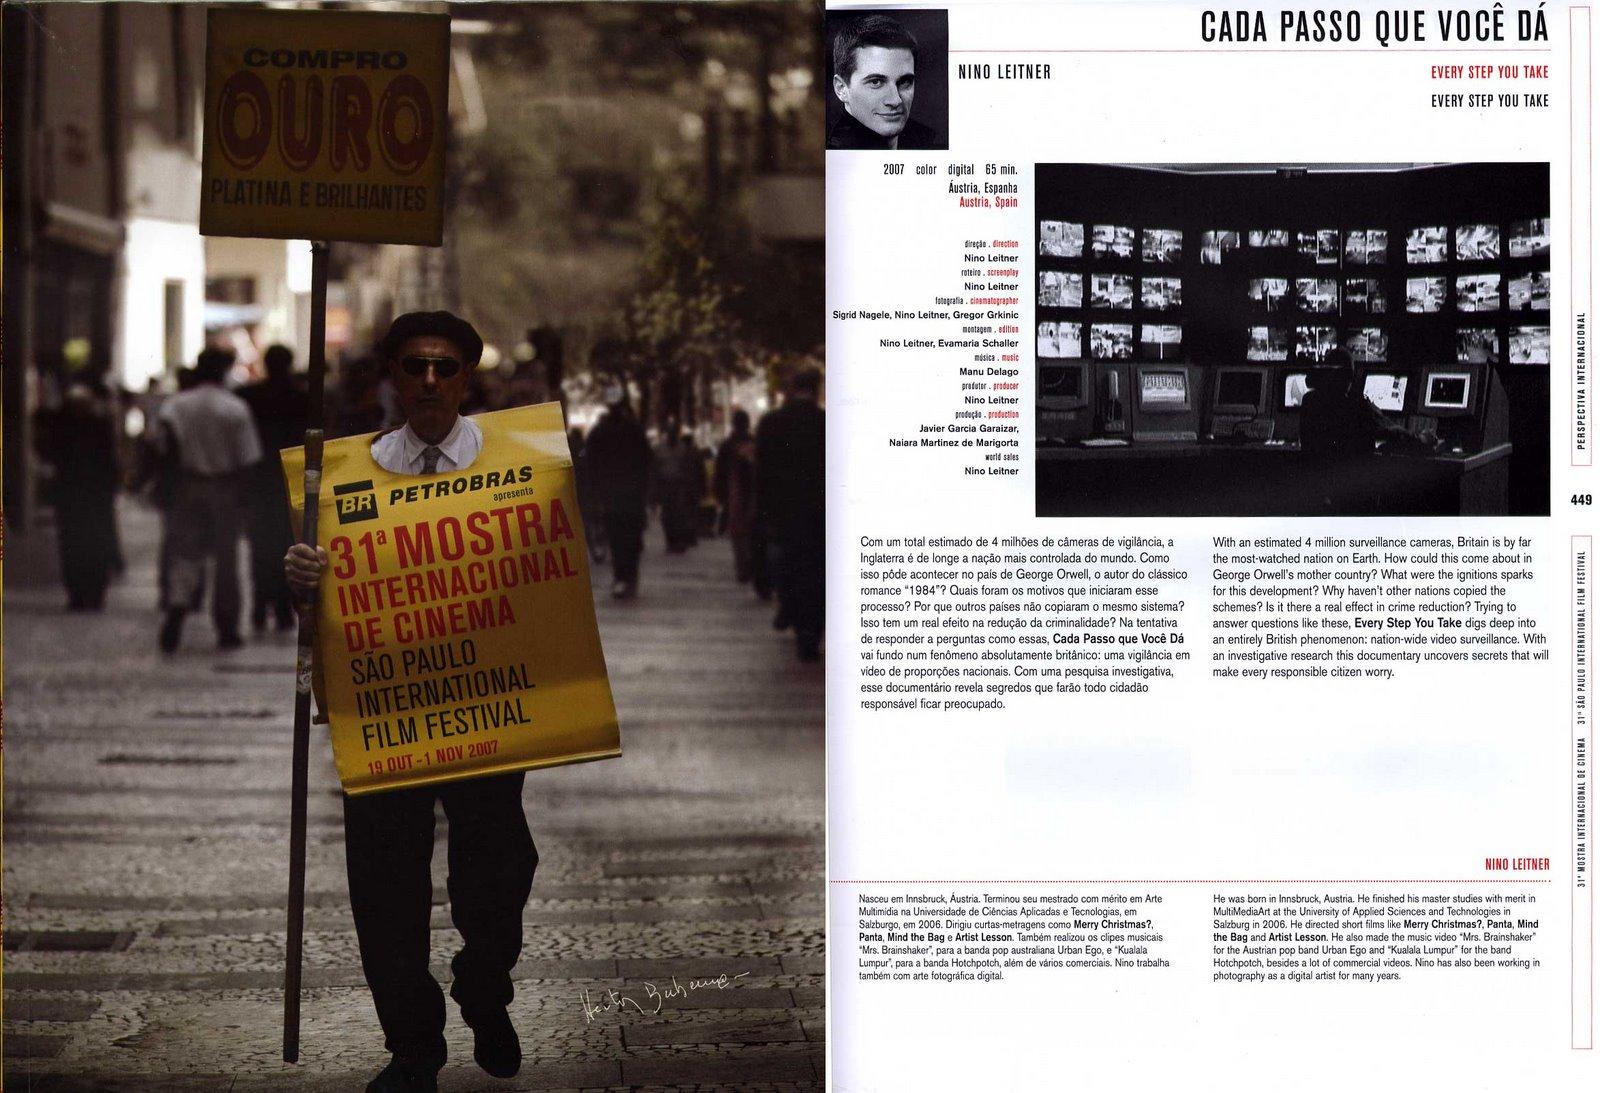 [31a+Mostra+Internacional+de+Cinema+São+Paulo+-+Official+Printed+Catalogue+-+page+449+(Cada+passo+que+voce+dá+-+PortugueseEnglish)]